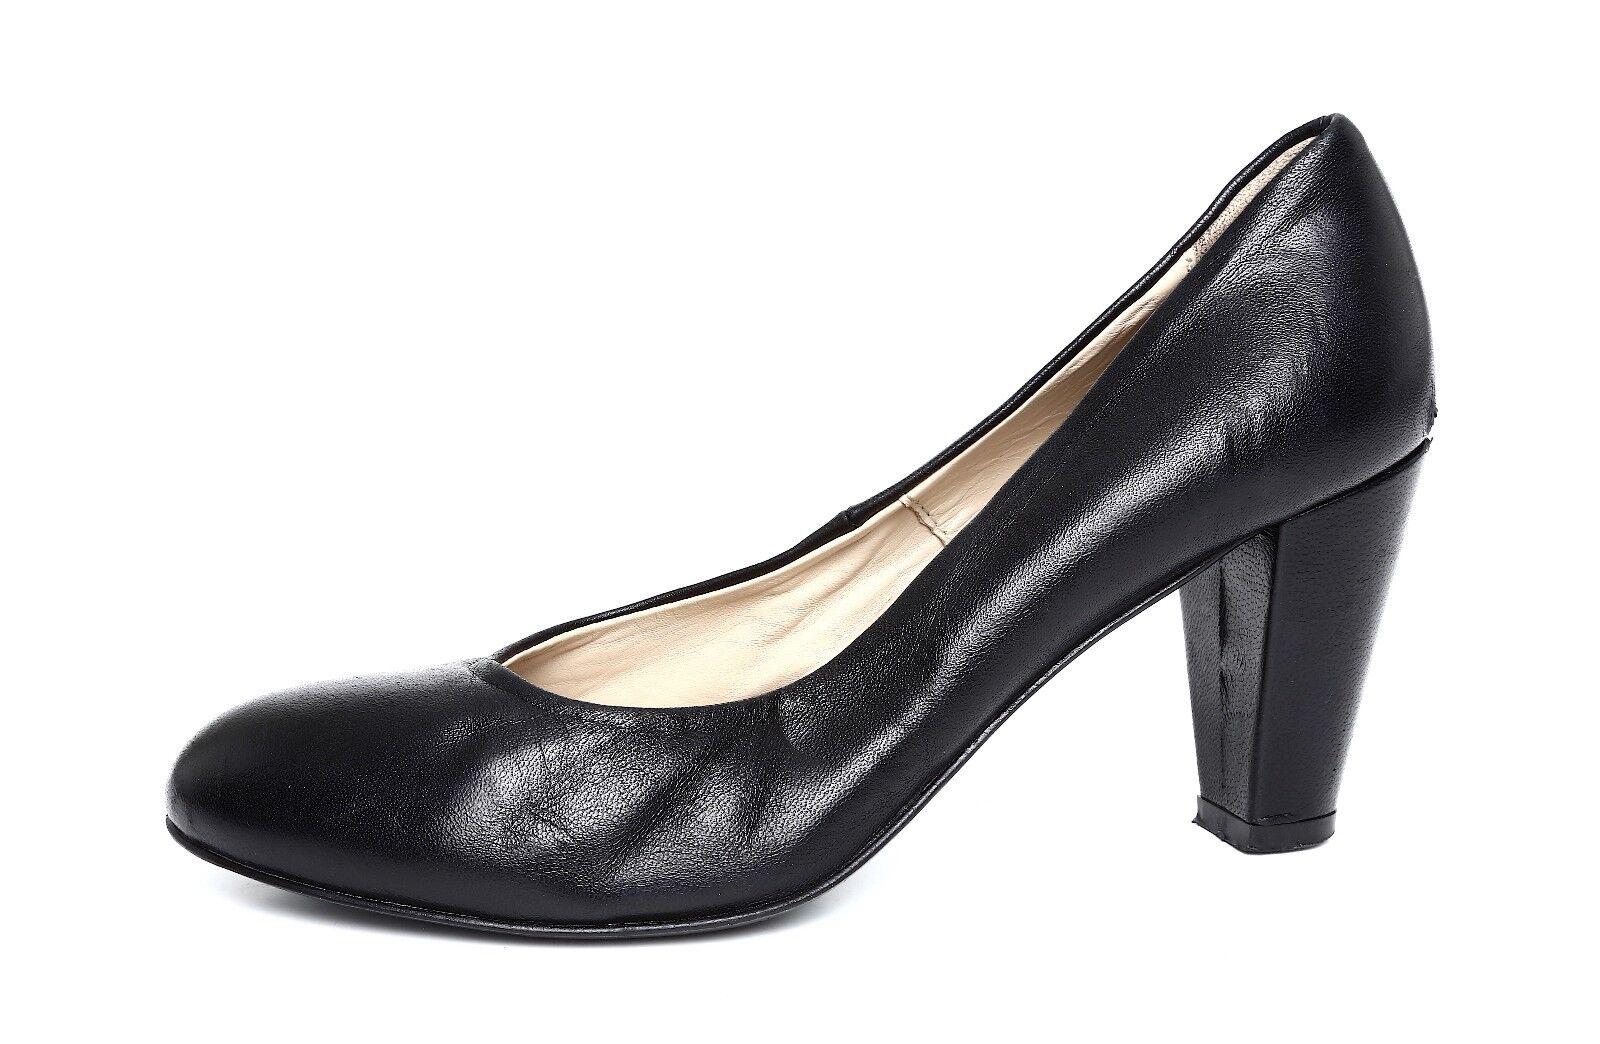 Attilio Giusti Leombruni Bomba de de de cuero negro de la mujer talla 35 EUR 9472  la calidad primero los consumidores primero